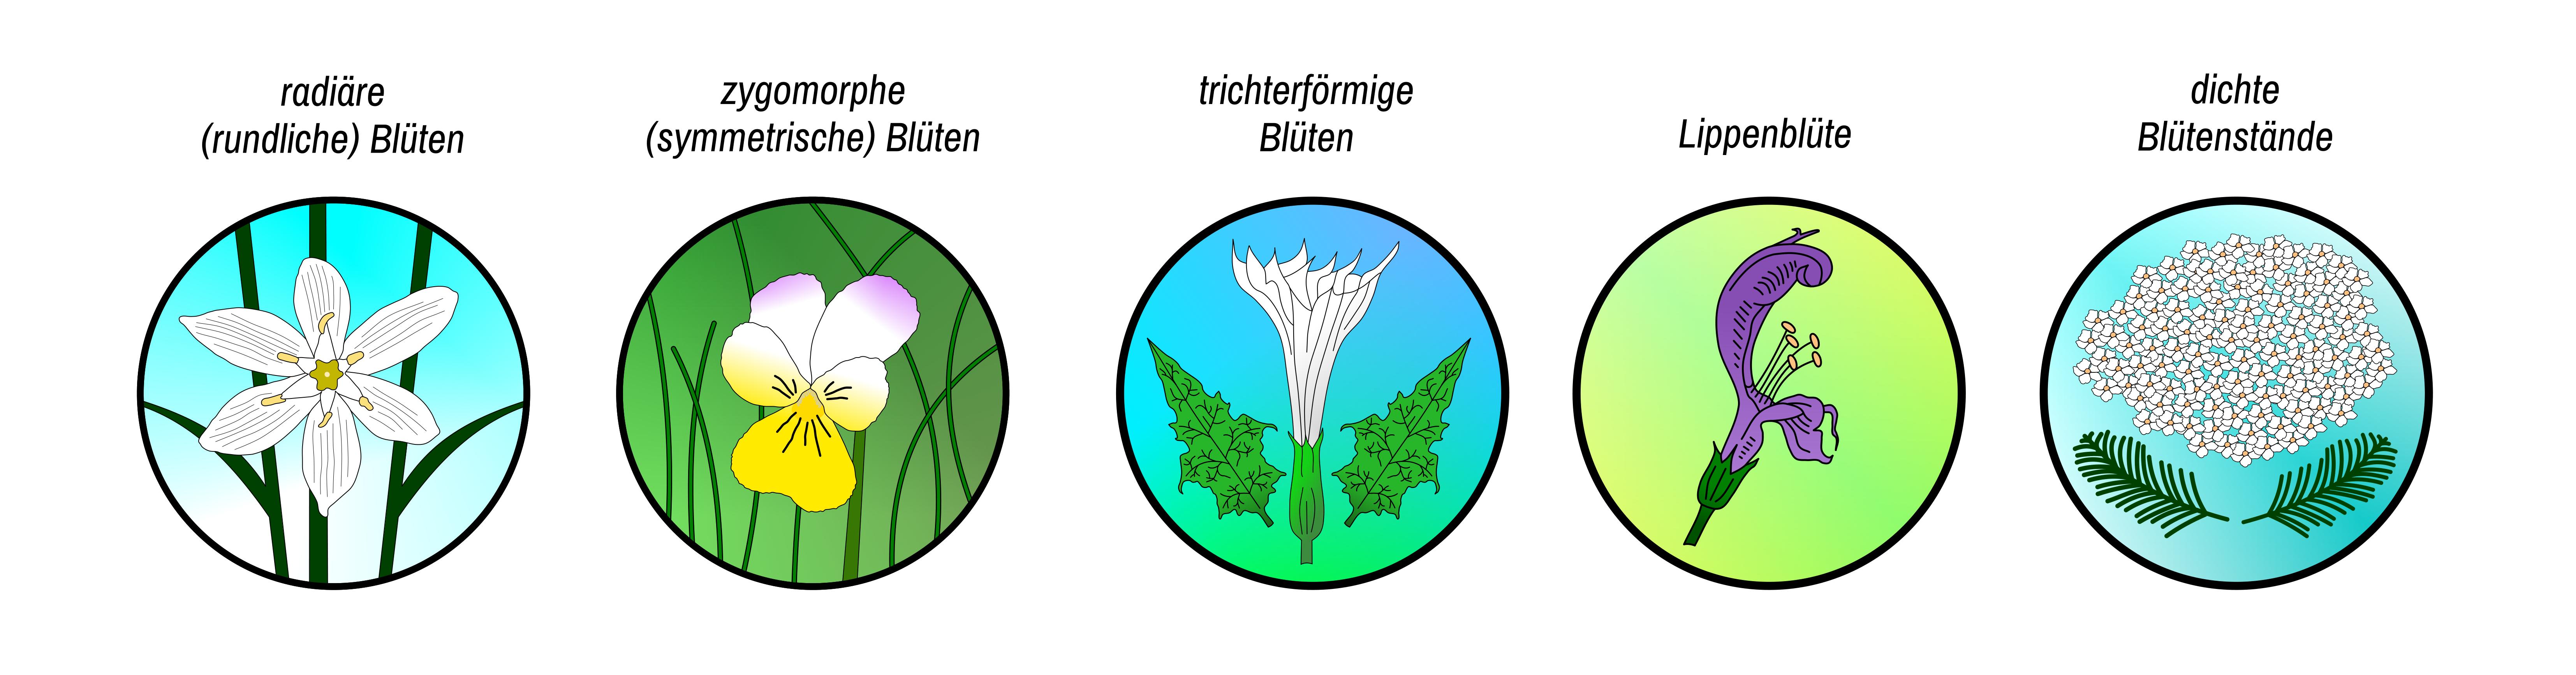 Pflanzenbestimmung - Blütenformen